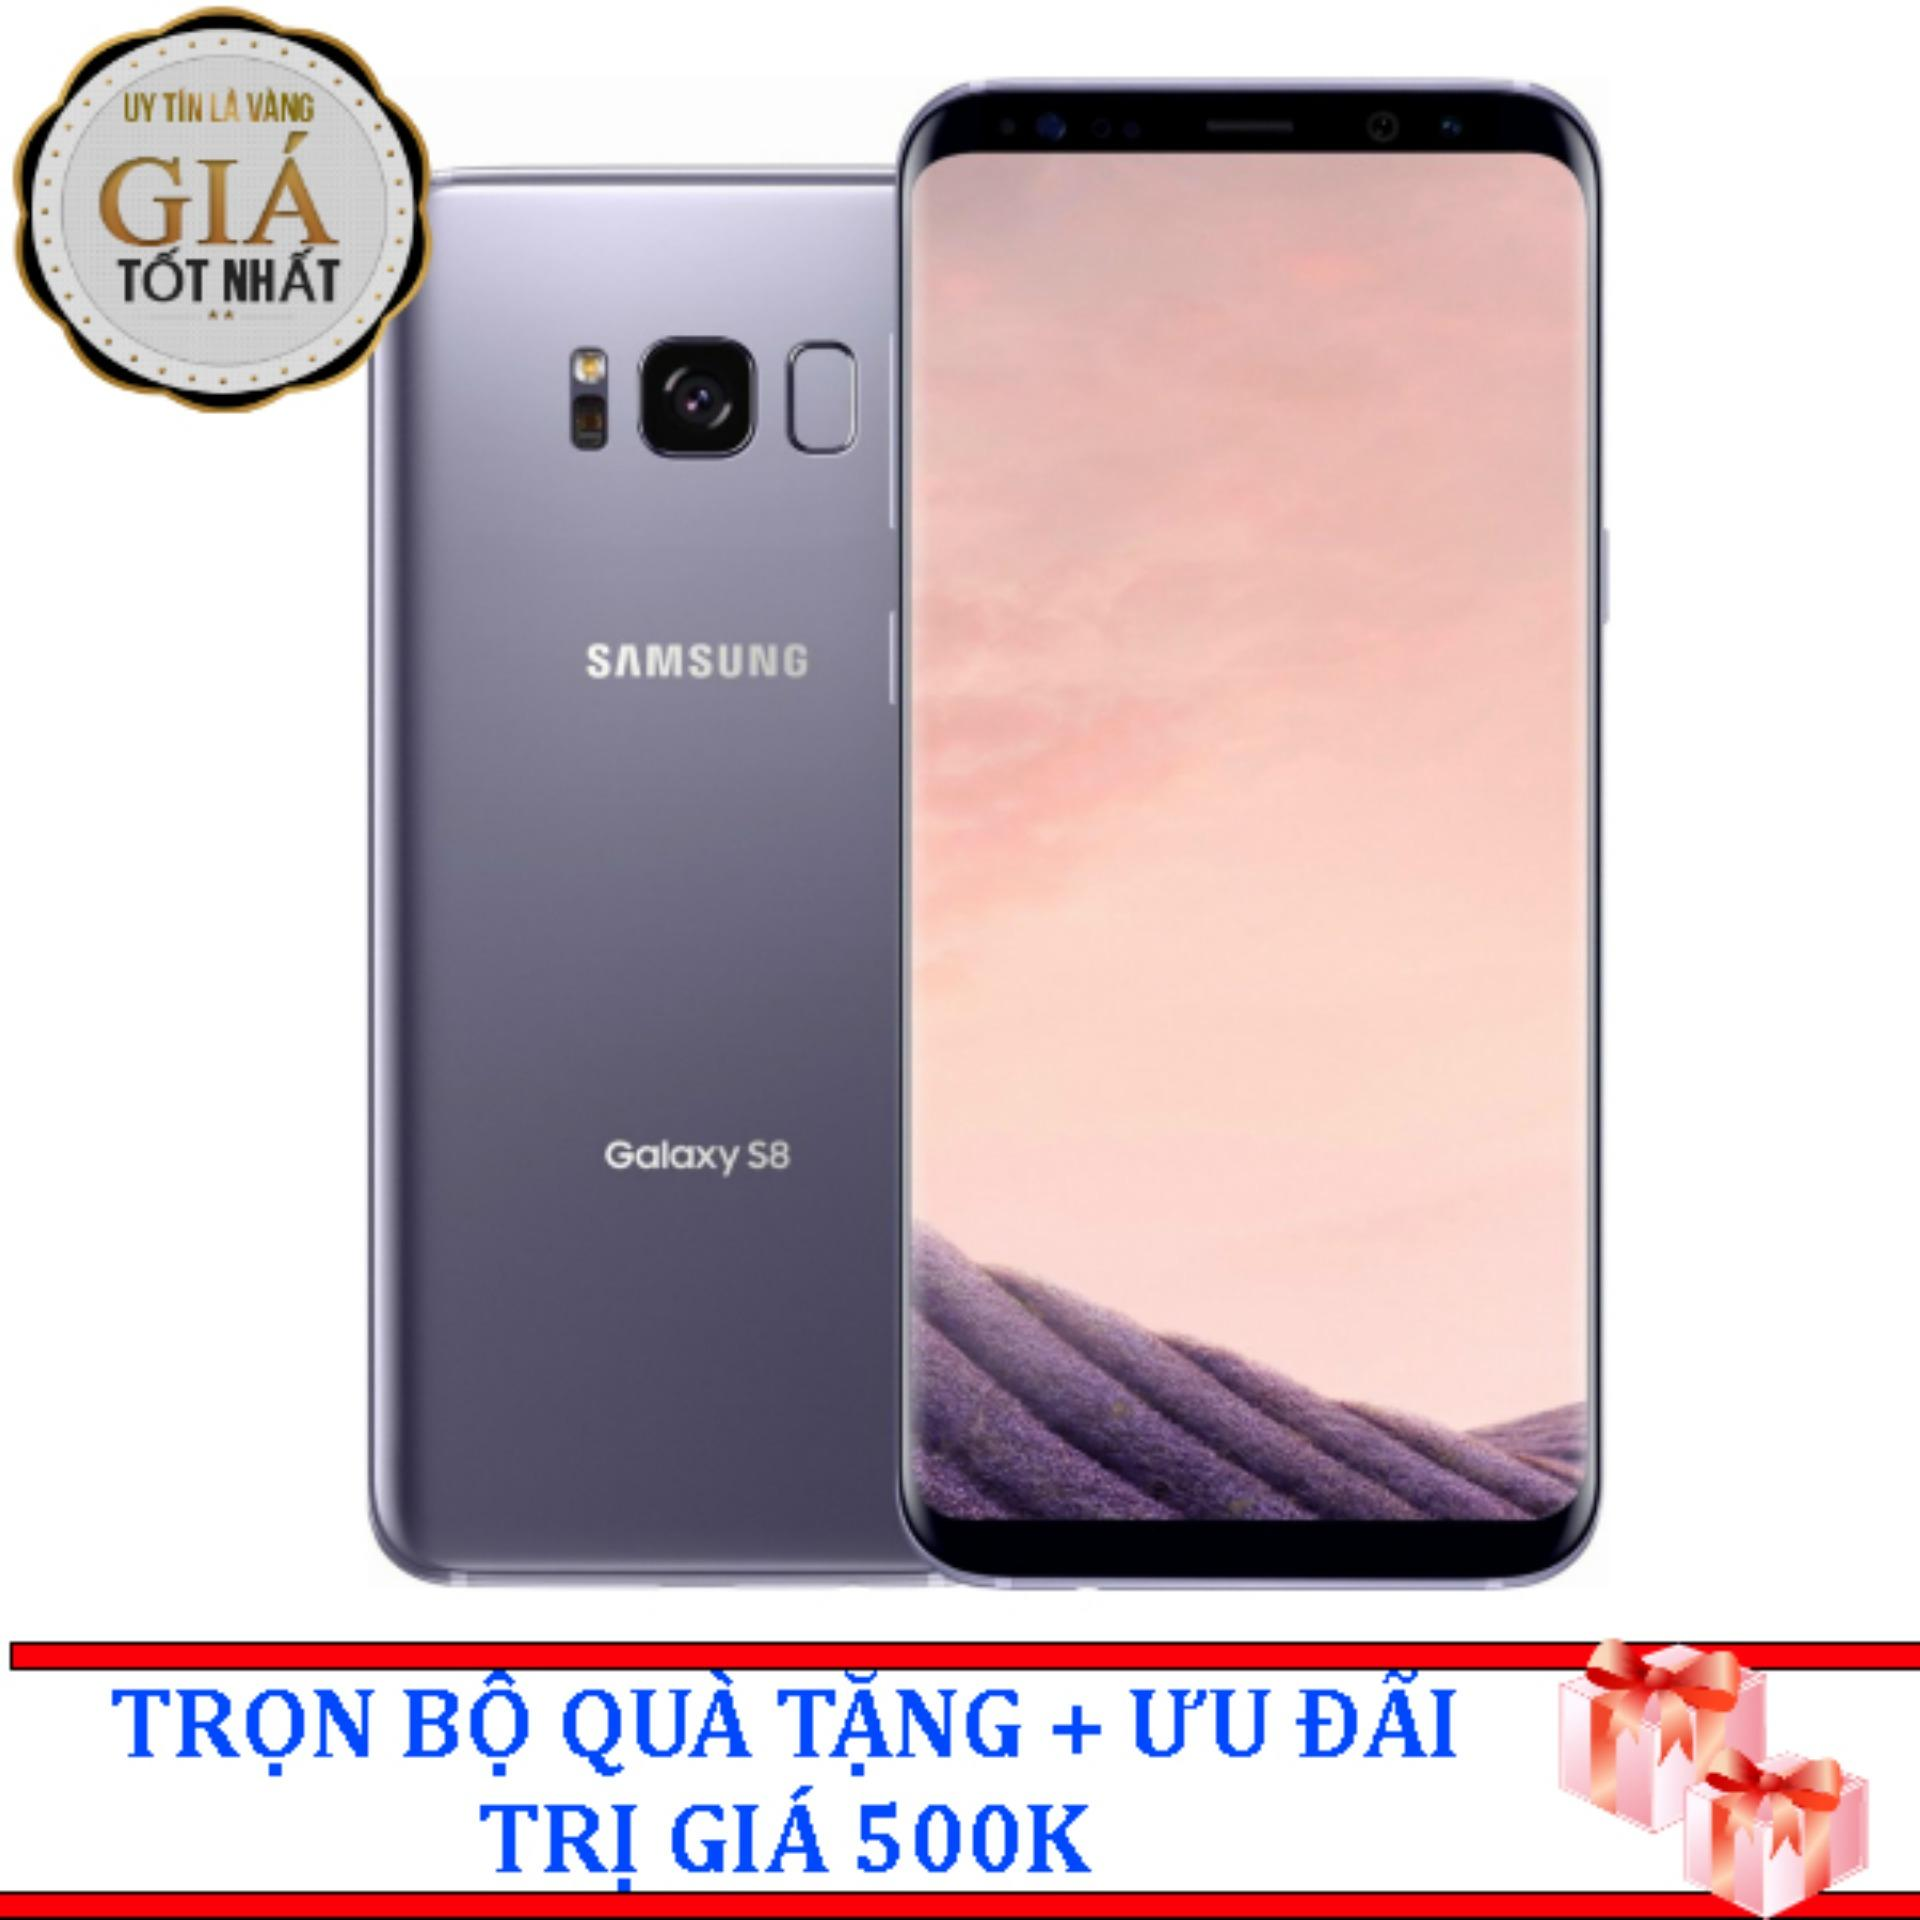 Giá Bán Samsung Galaxy S8 64G Ram 4Gb 5 8Inch Tim Khoi Hang Nhập Khẩu Samsung Nguyên